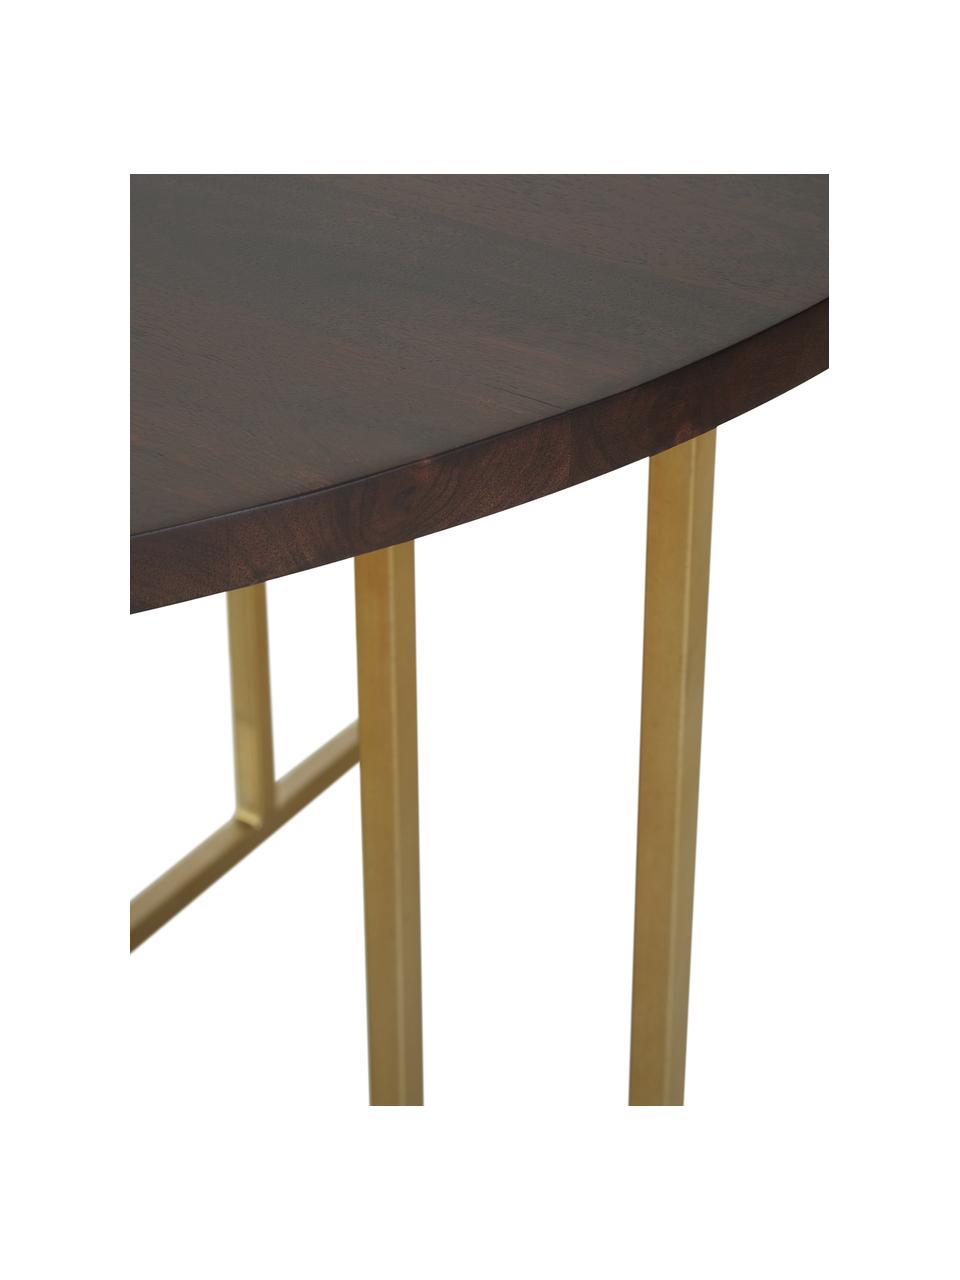 Okrągły stół do jadalni z blatem z drewna mangowego Luca, Blat: lite drewno mangowe, szcz, Stelaż: metal malowany proszkowo, Brązowy, odcienie złotego, Ø 120 x W 75 cm